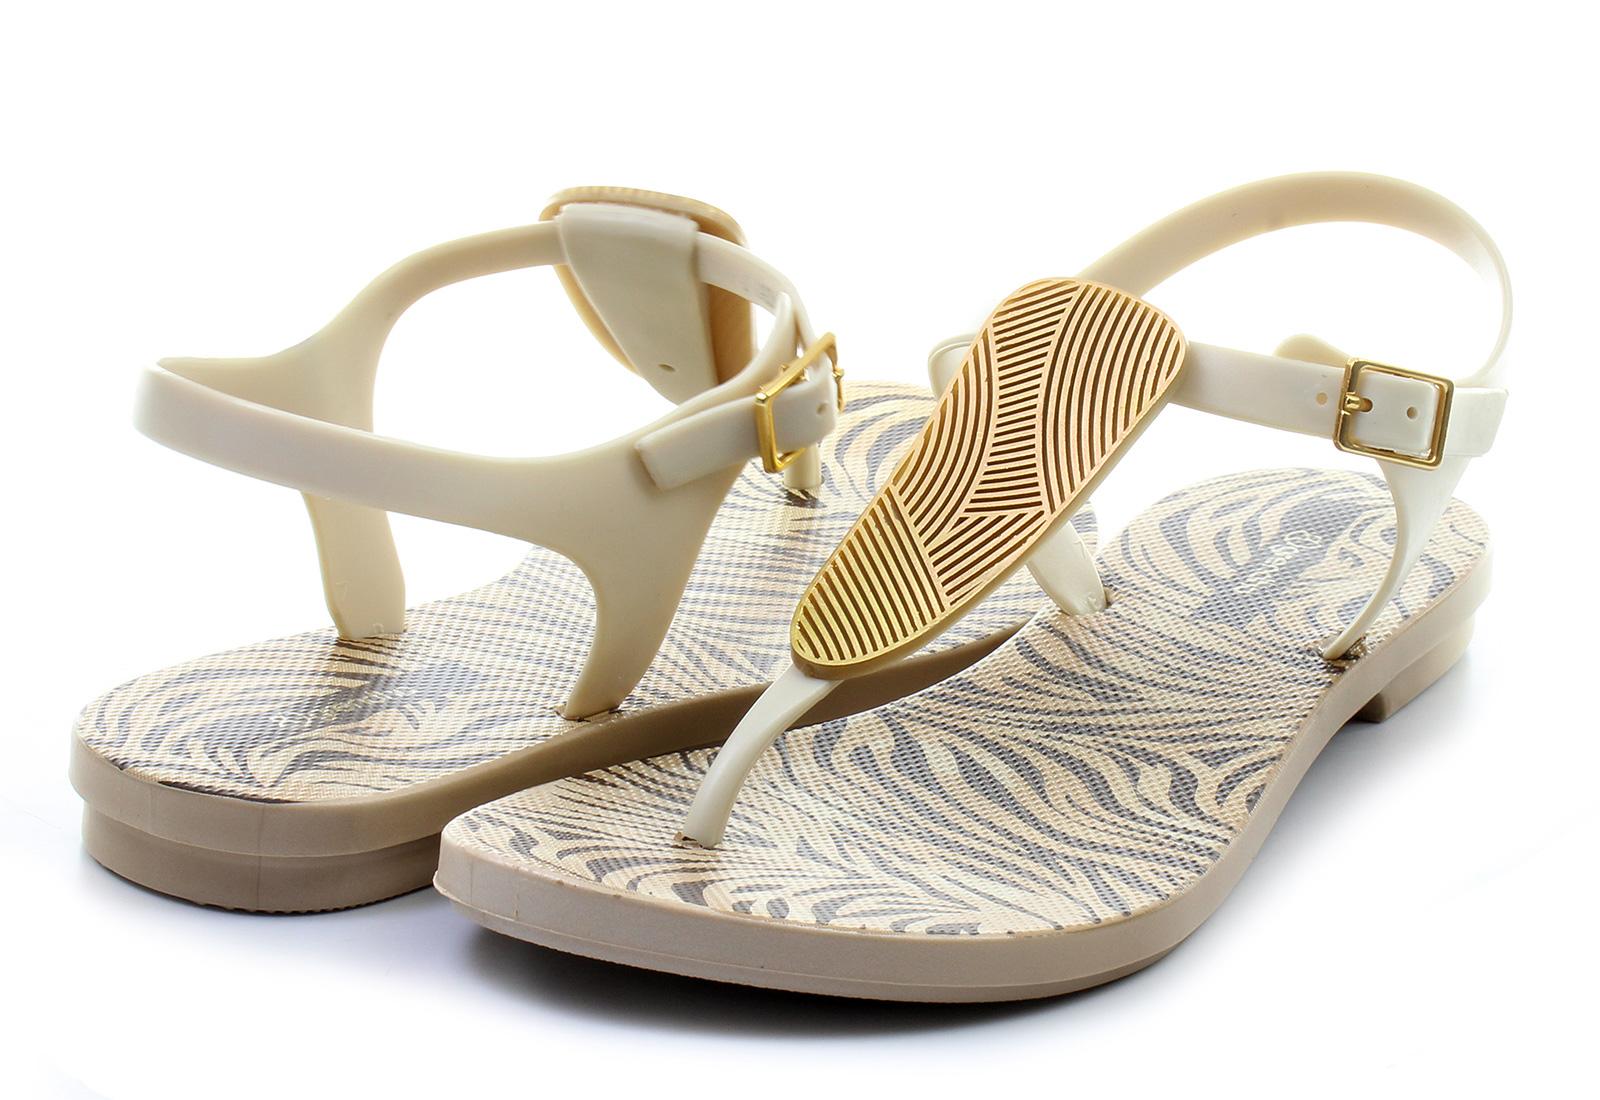 Ugg Boots For Men Grendha Sandals - Sava...